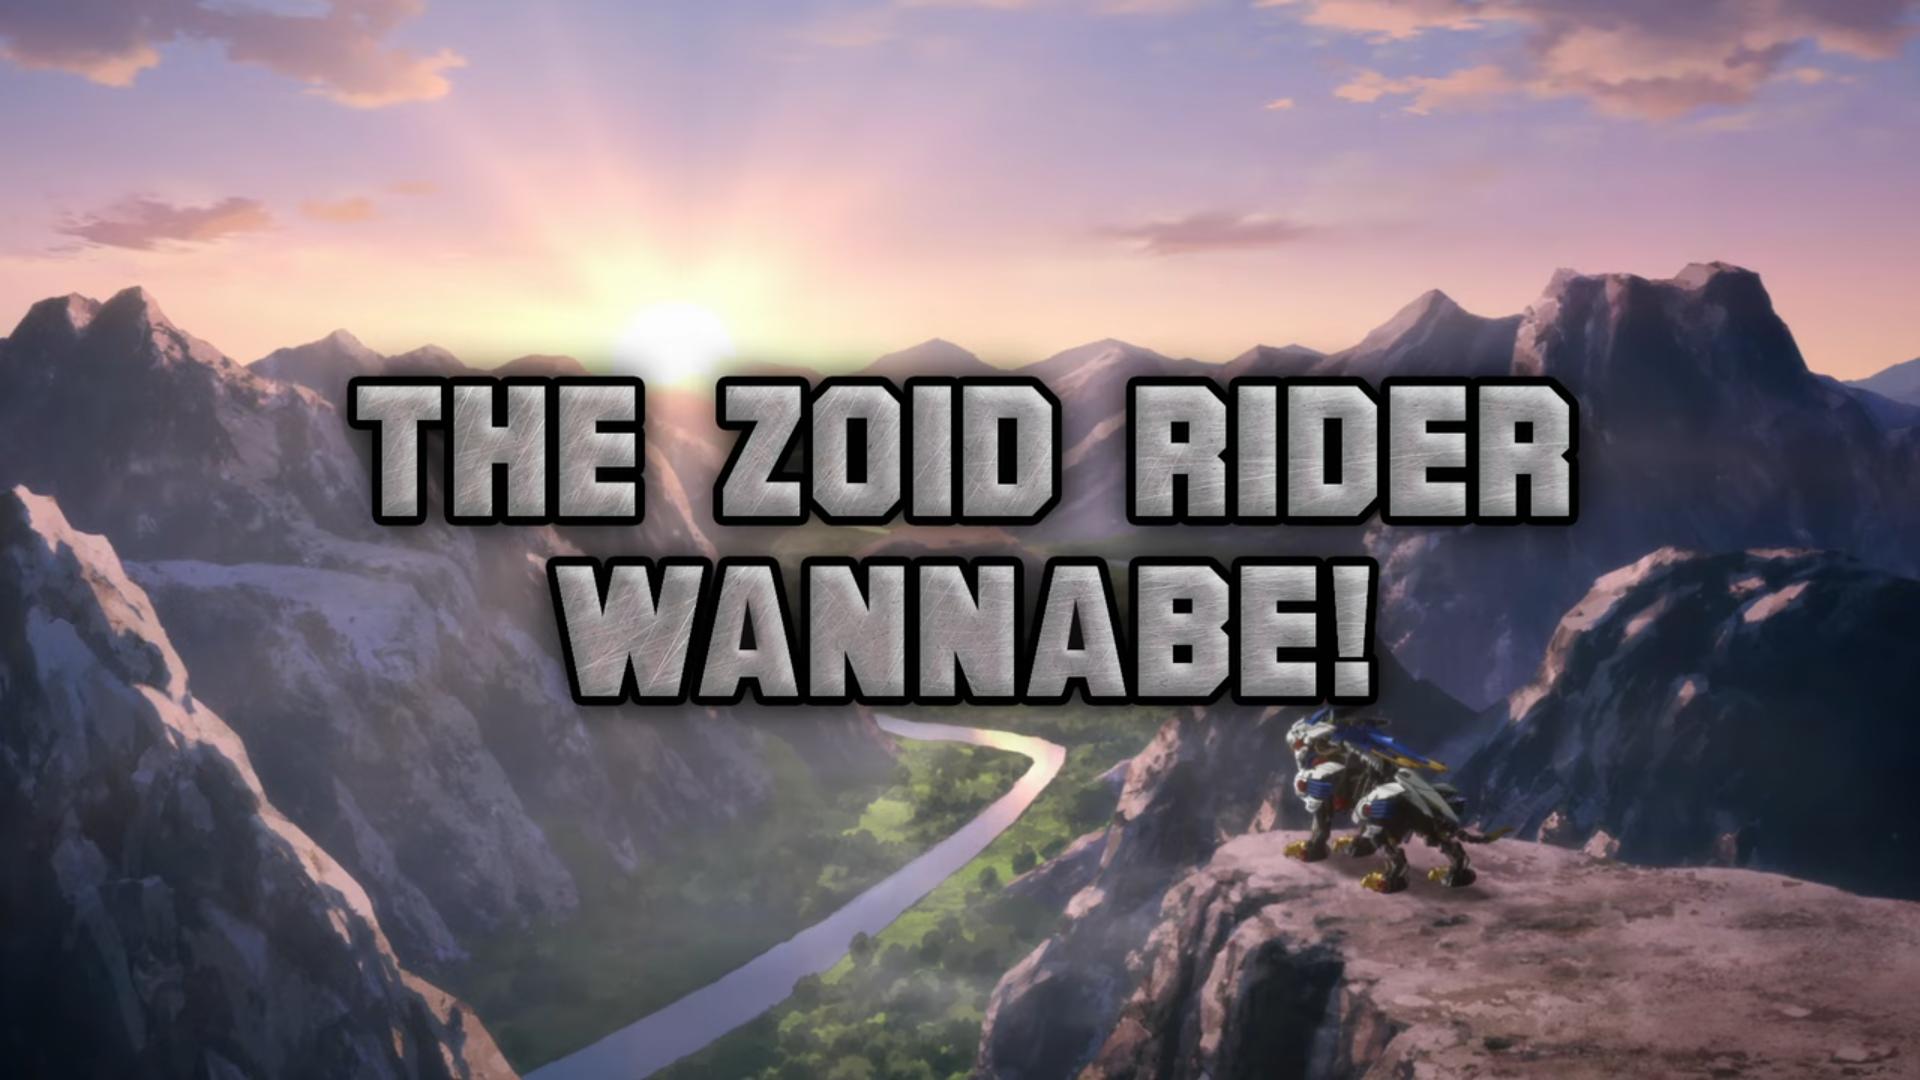 Zoids: Wild Episode 15